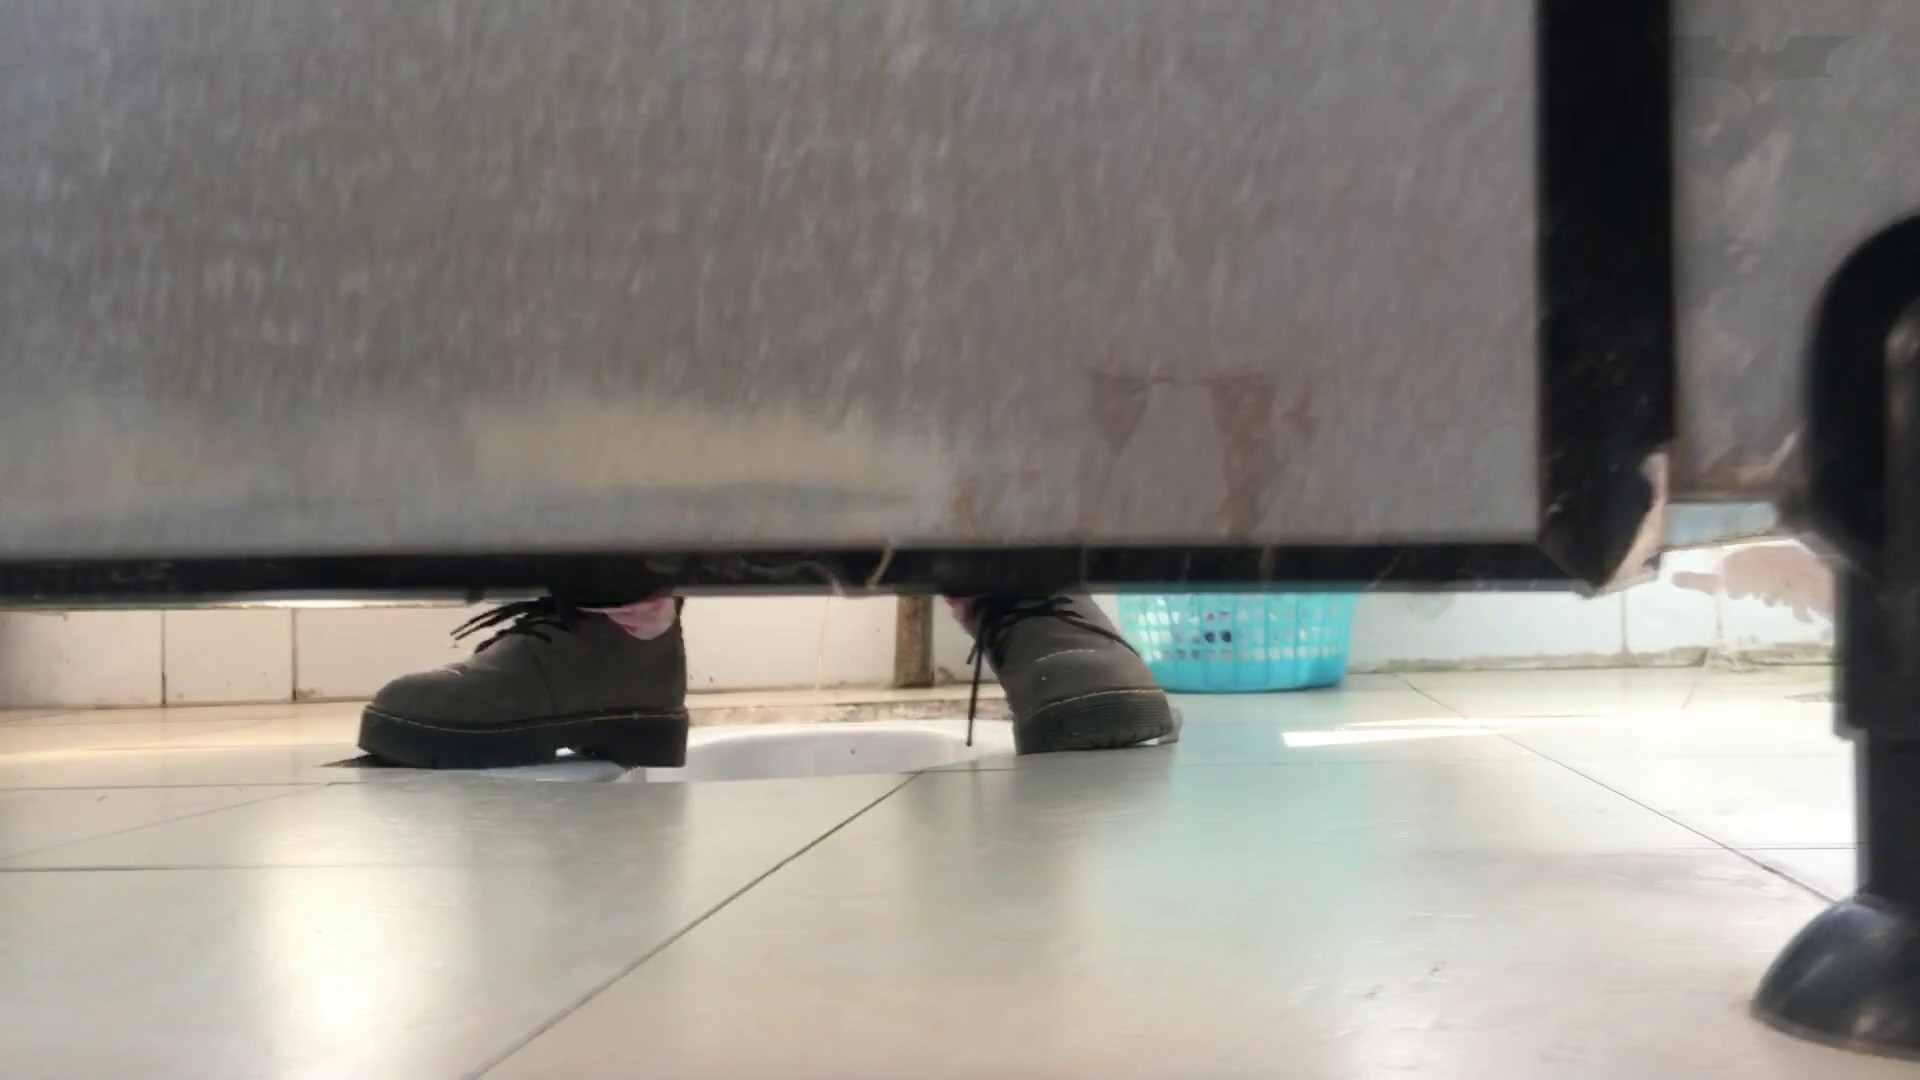 芸術大学ガチ潜入盗撮 JD盗撮 美女の洗面所の秘密 Vol.80 高画質動画 AV動画キャプチャ 53画像 18